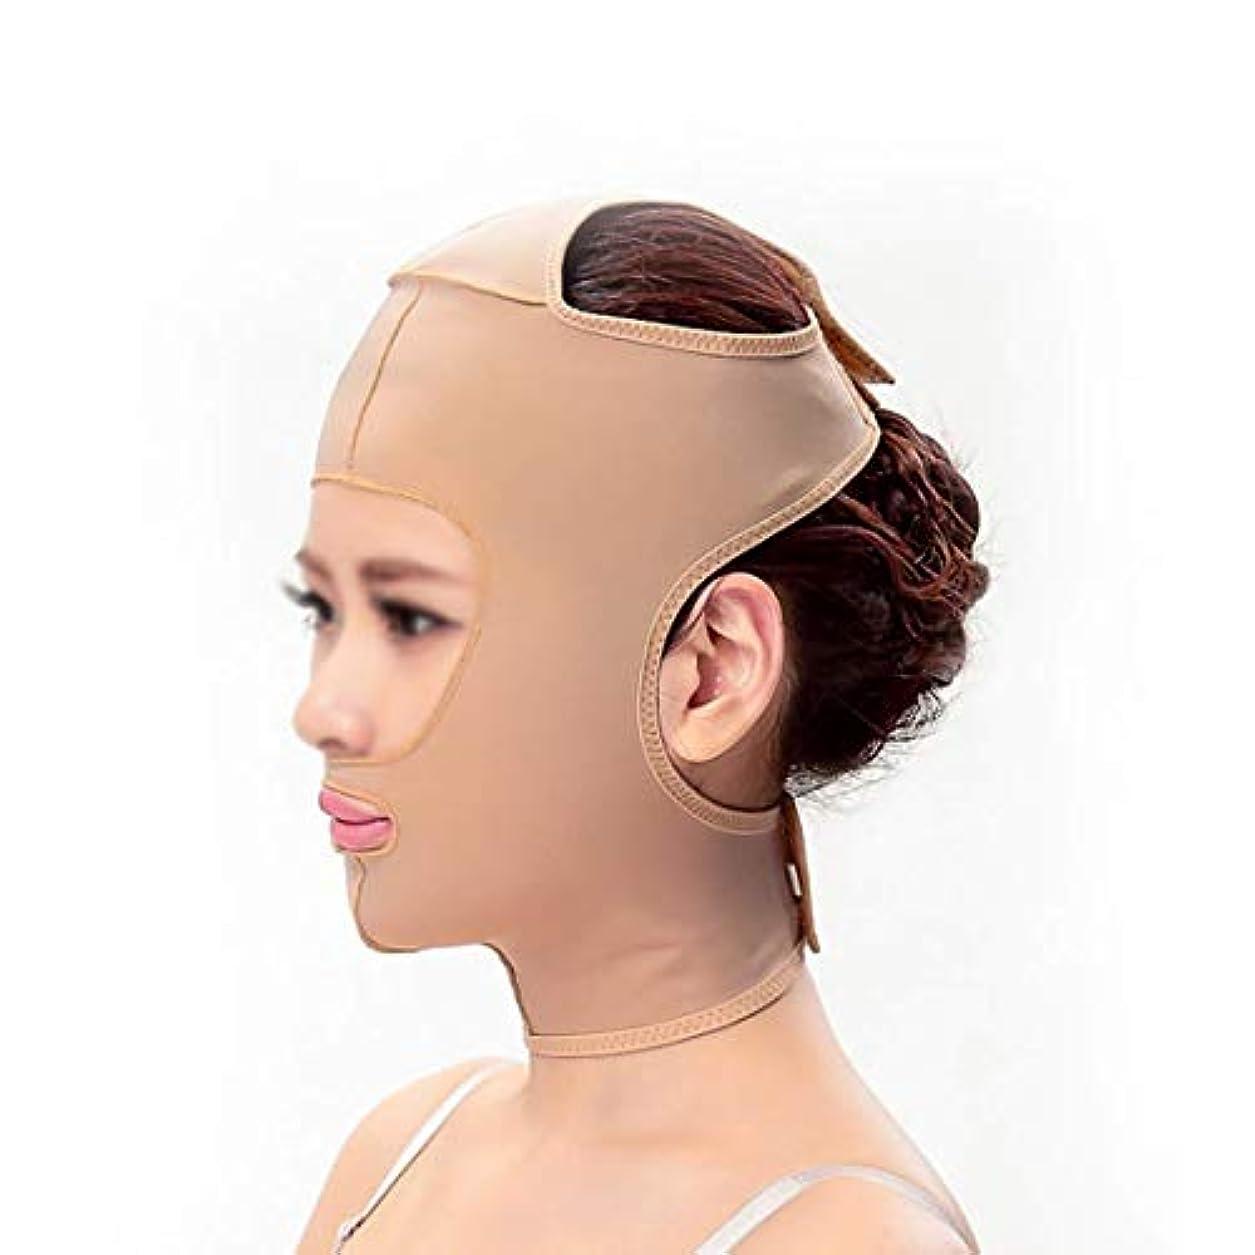 疲れた直立鮮やかなスリミングベルト、二重あごの引き締め顔面プラスチックフェイスアーティファクト強力なフェイスバンデージをサイズアップするために顔面マスクシンフェイスマスク,ザ?